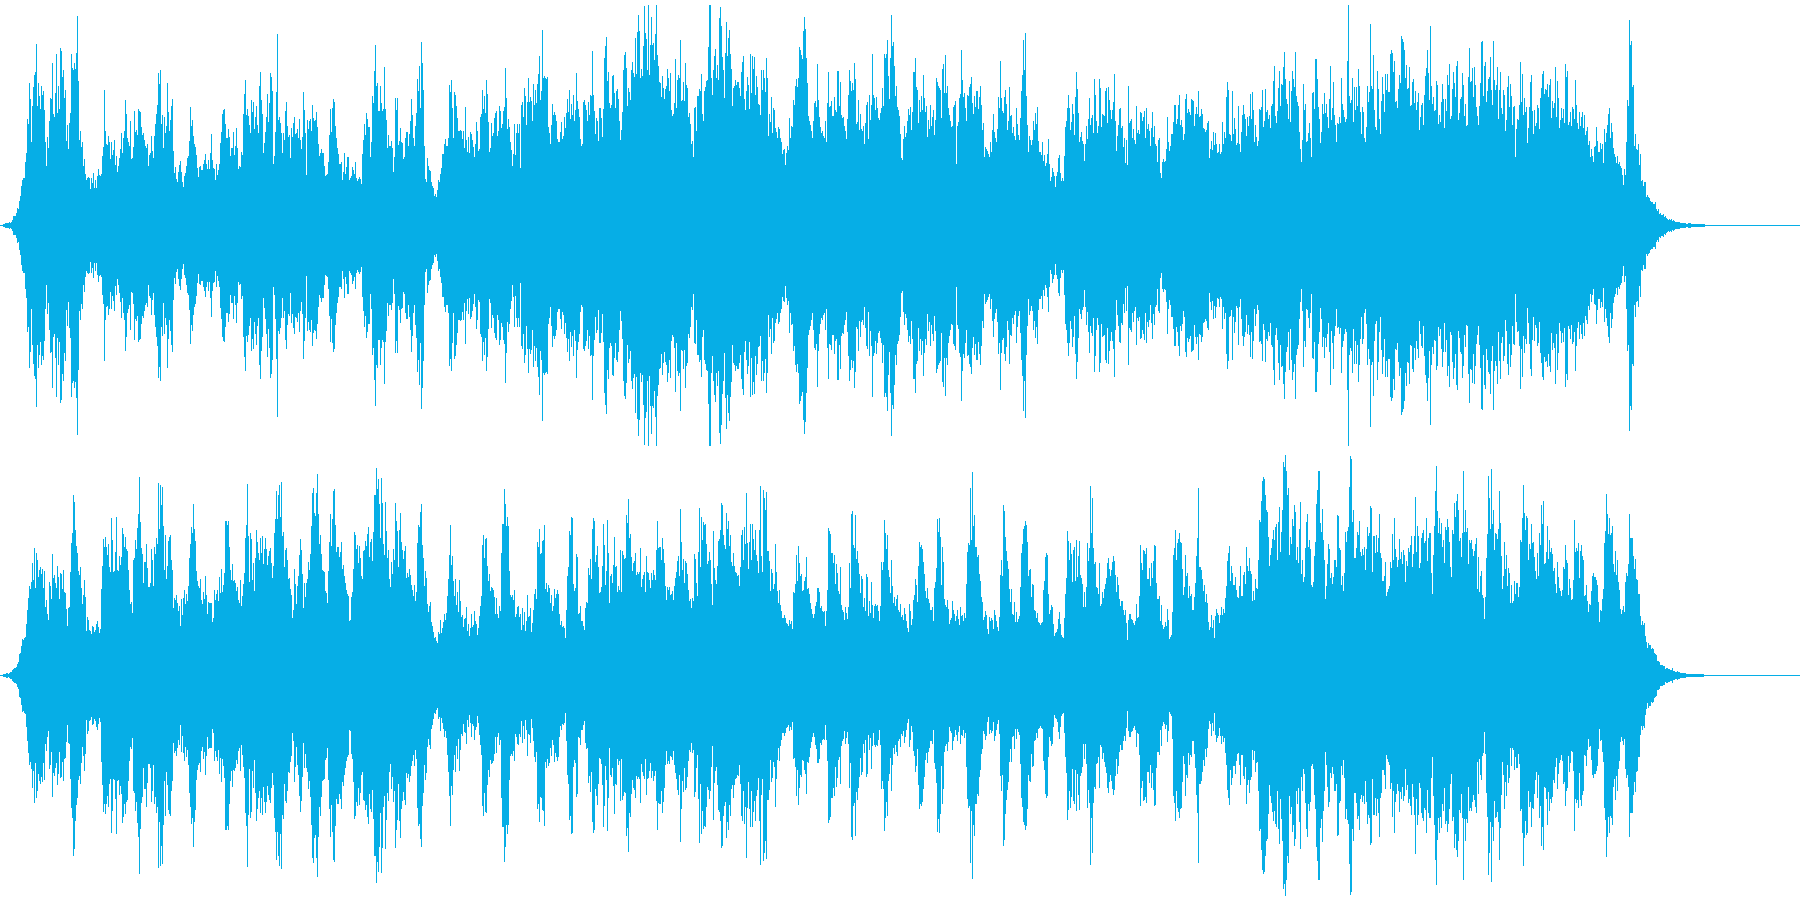 オープニング向けの壮大なオーケストラの再生済みの波形